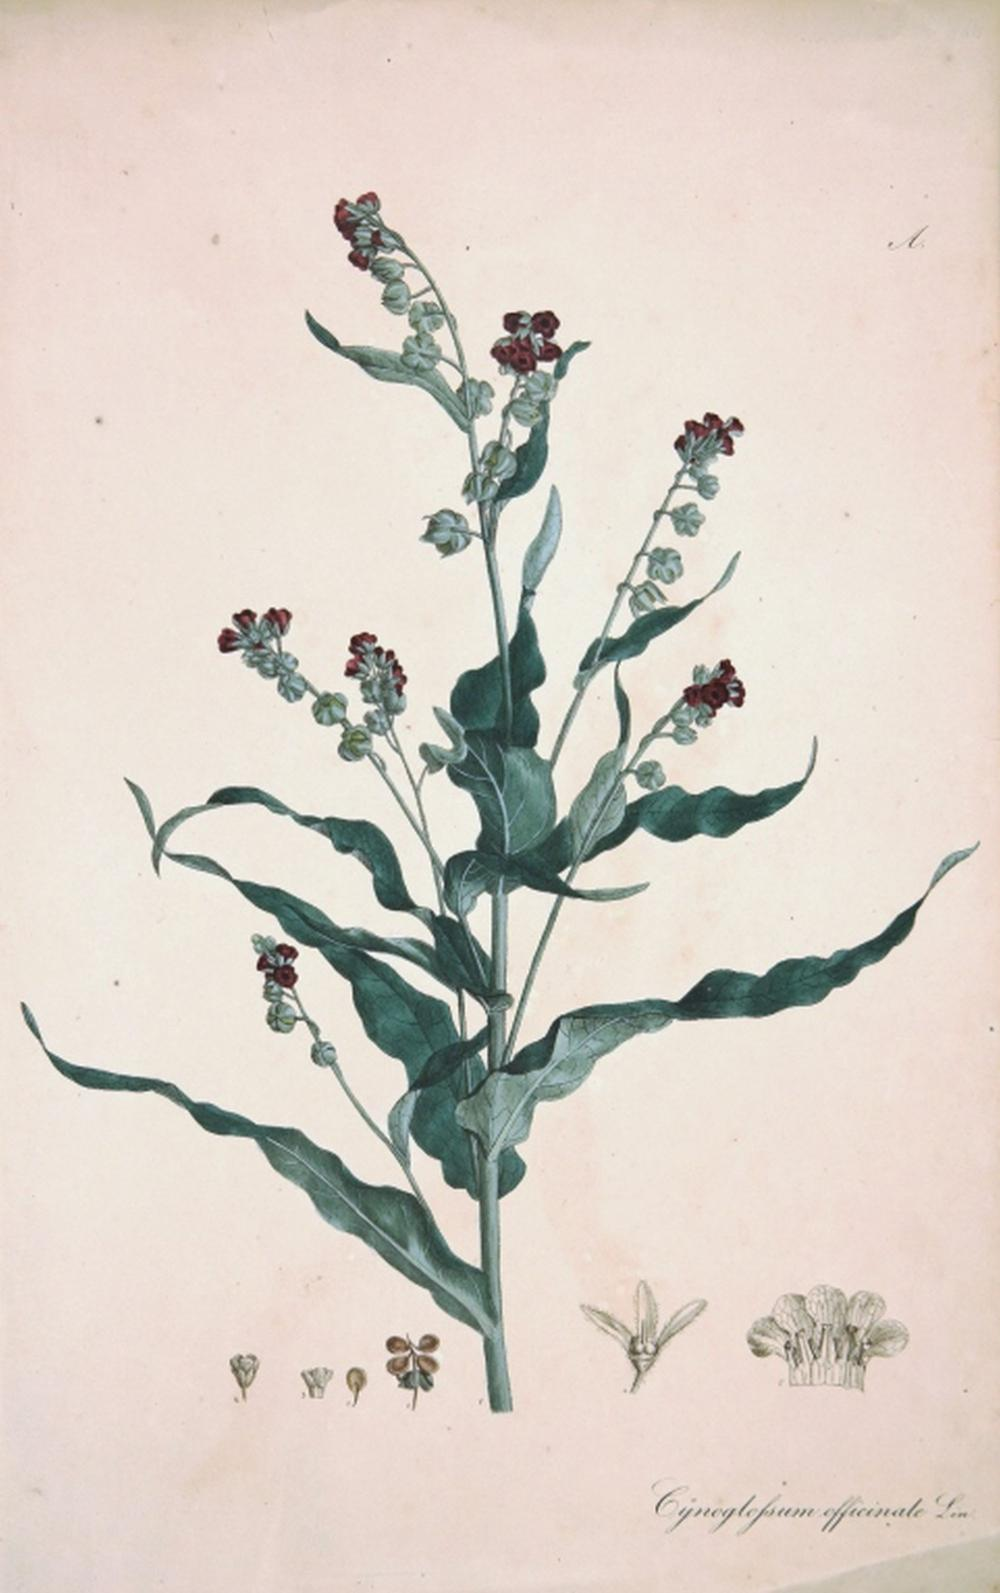 William Curtis. Flora Londinensis. 2 Plates. 1777